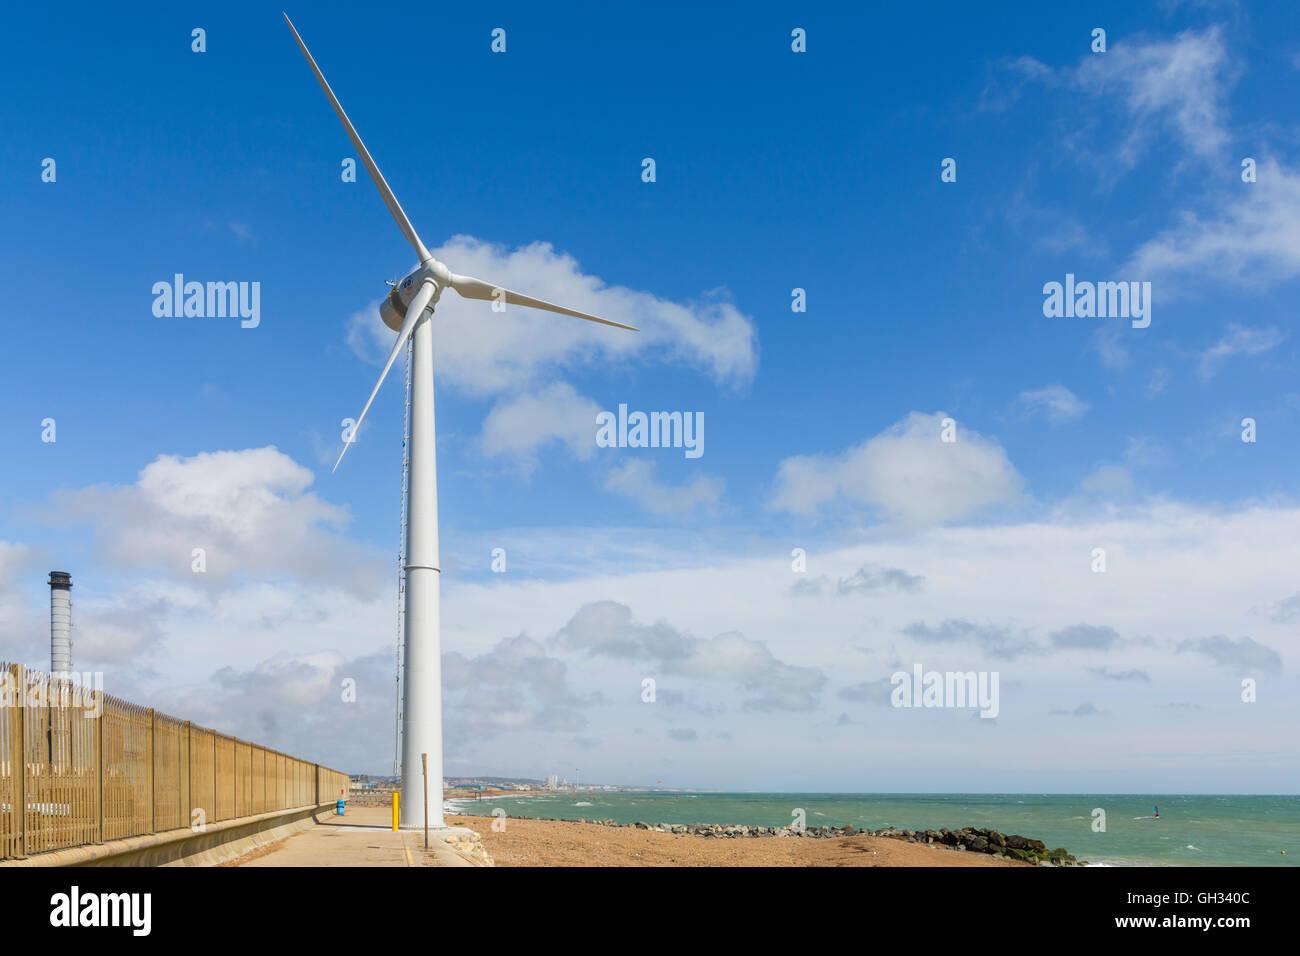 Turbina de viento para generar electricidad en Shoreham, West Sussex, Inglaterra, Reino Unido. Imagen De Stock